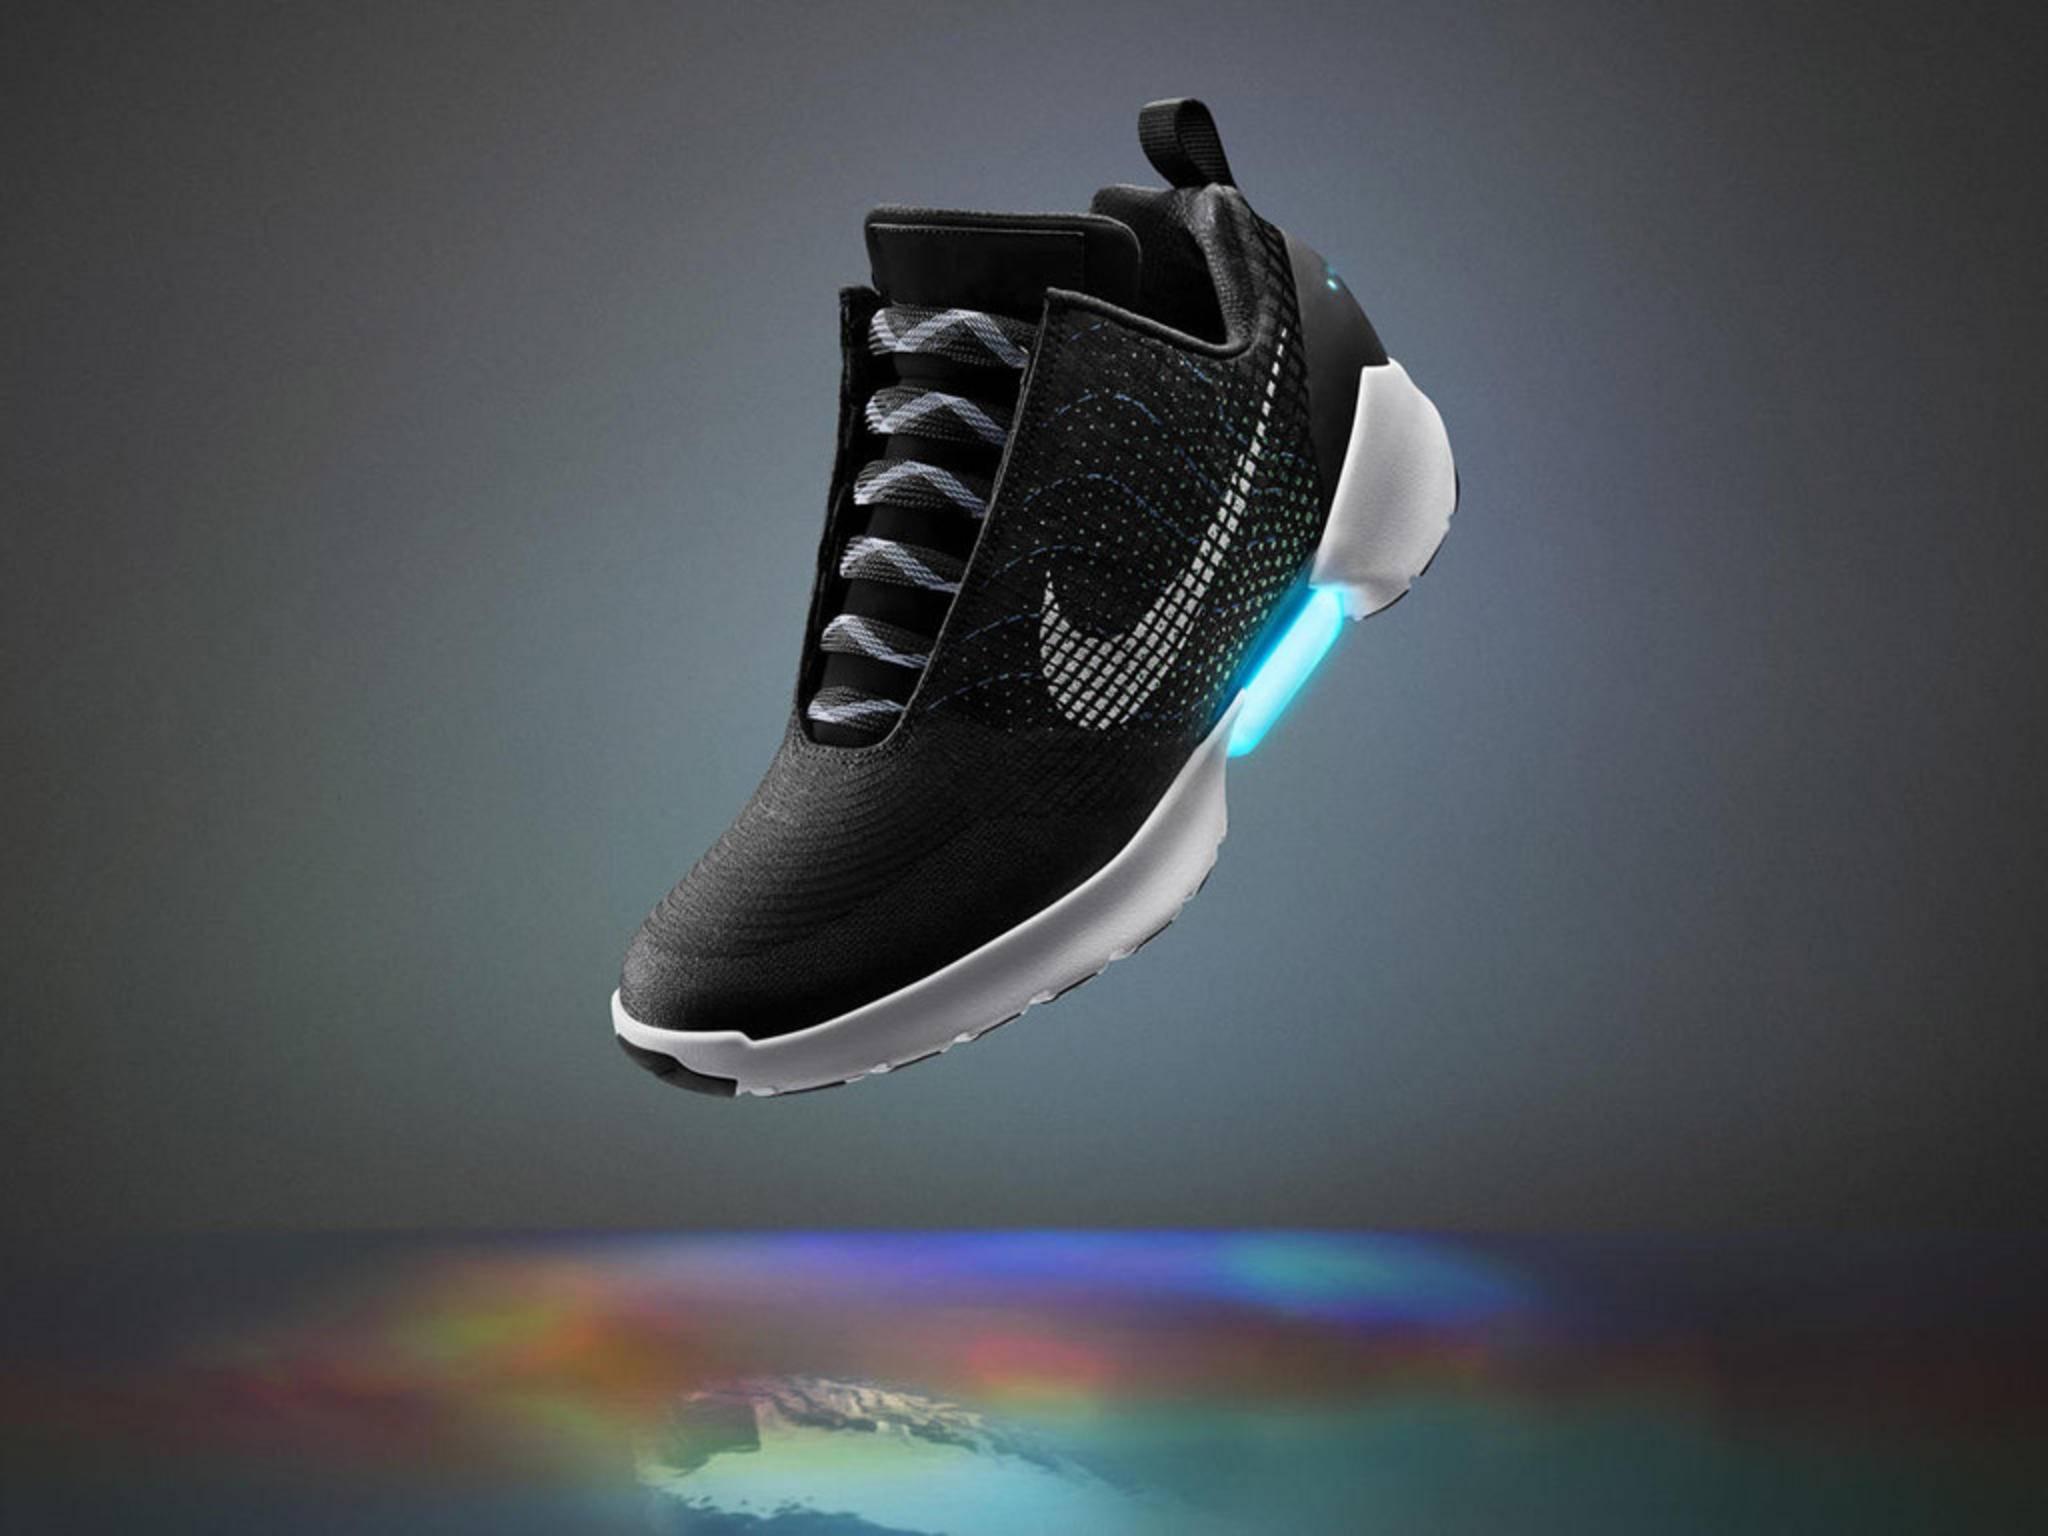 HyperAdapt 1.0: Nike veröffentlicht selbstschnürende Schuhe zu Weihnachten.